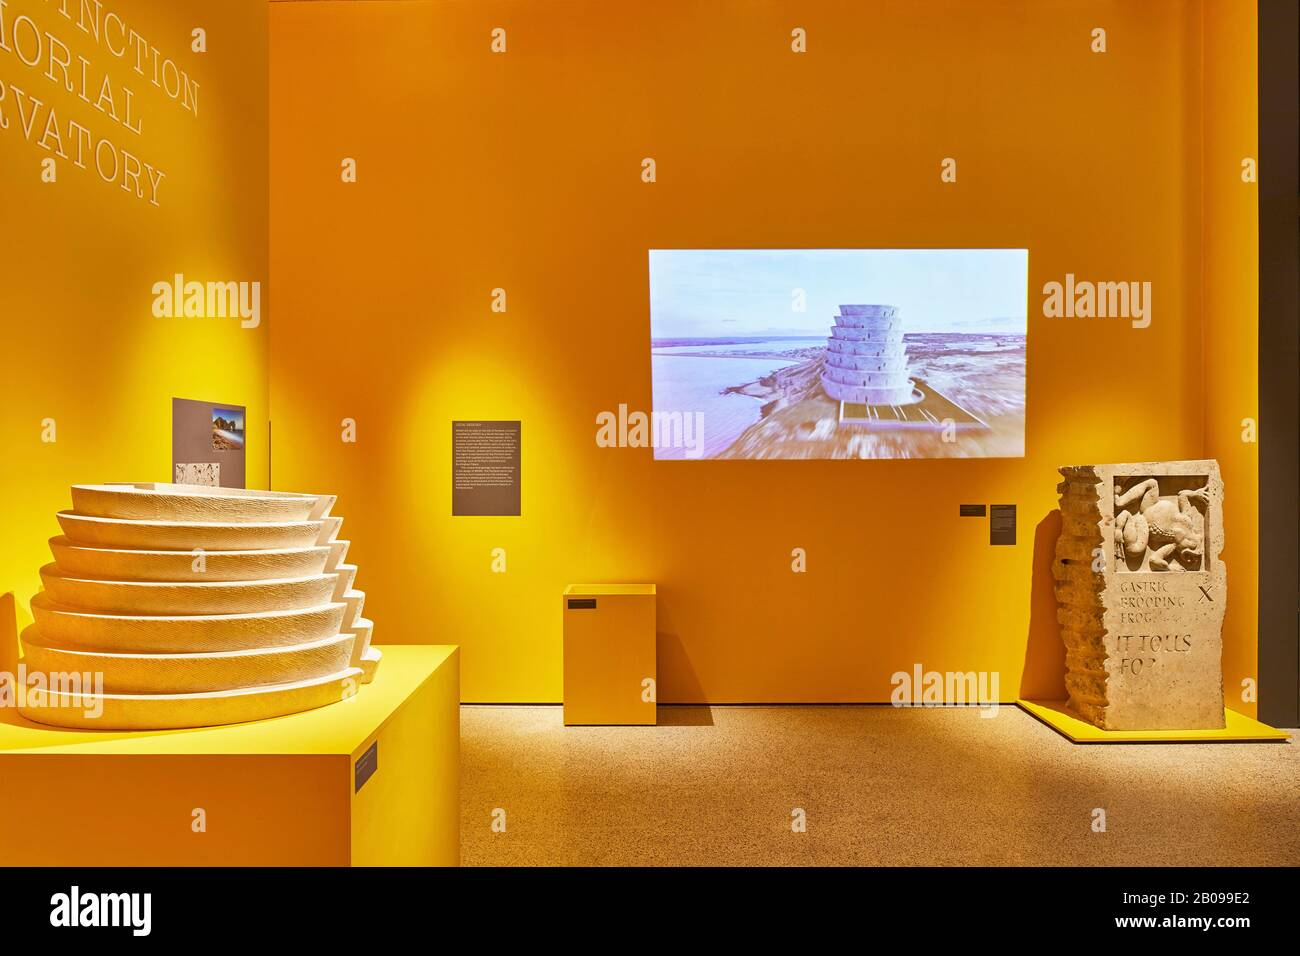 Sala espositiva. Making Memory Exhibition, Londra, Regno Unito. Architetto: Adjaye Associates , 2019. Foto Stock